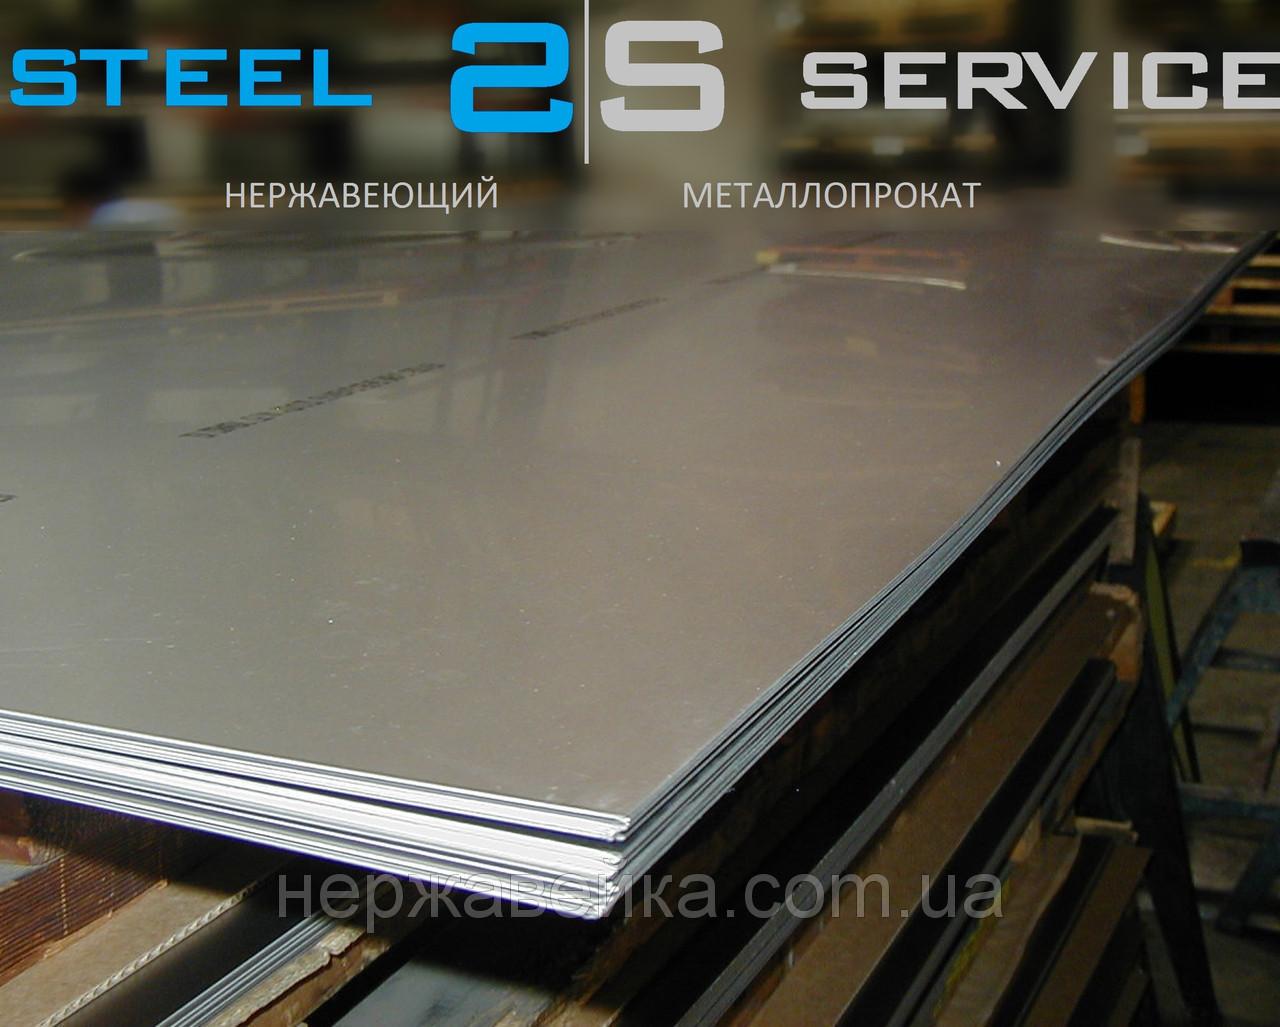 Нержавіючий лист 14х1500х3000мм AISI 316L(03Х17Н14М3) F1 - гарячекатаний, кислотостійкий